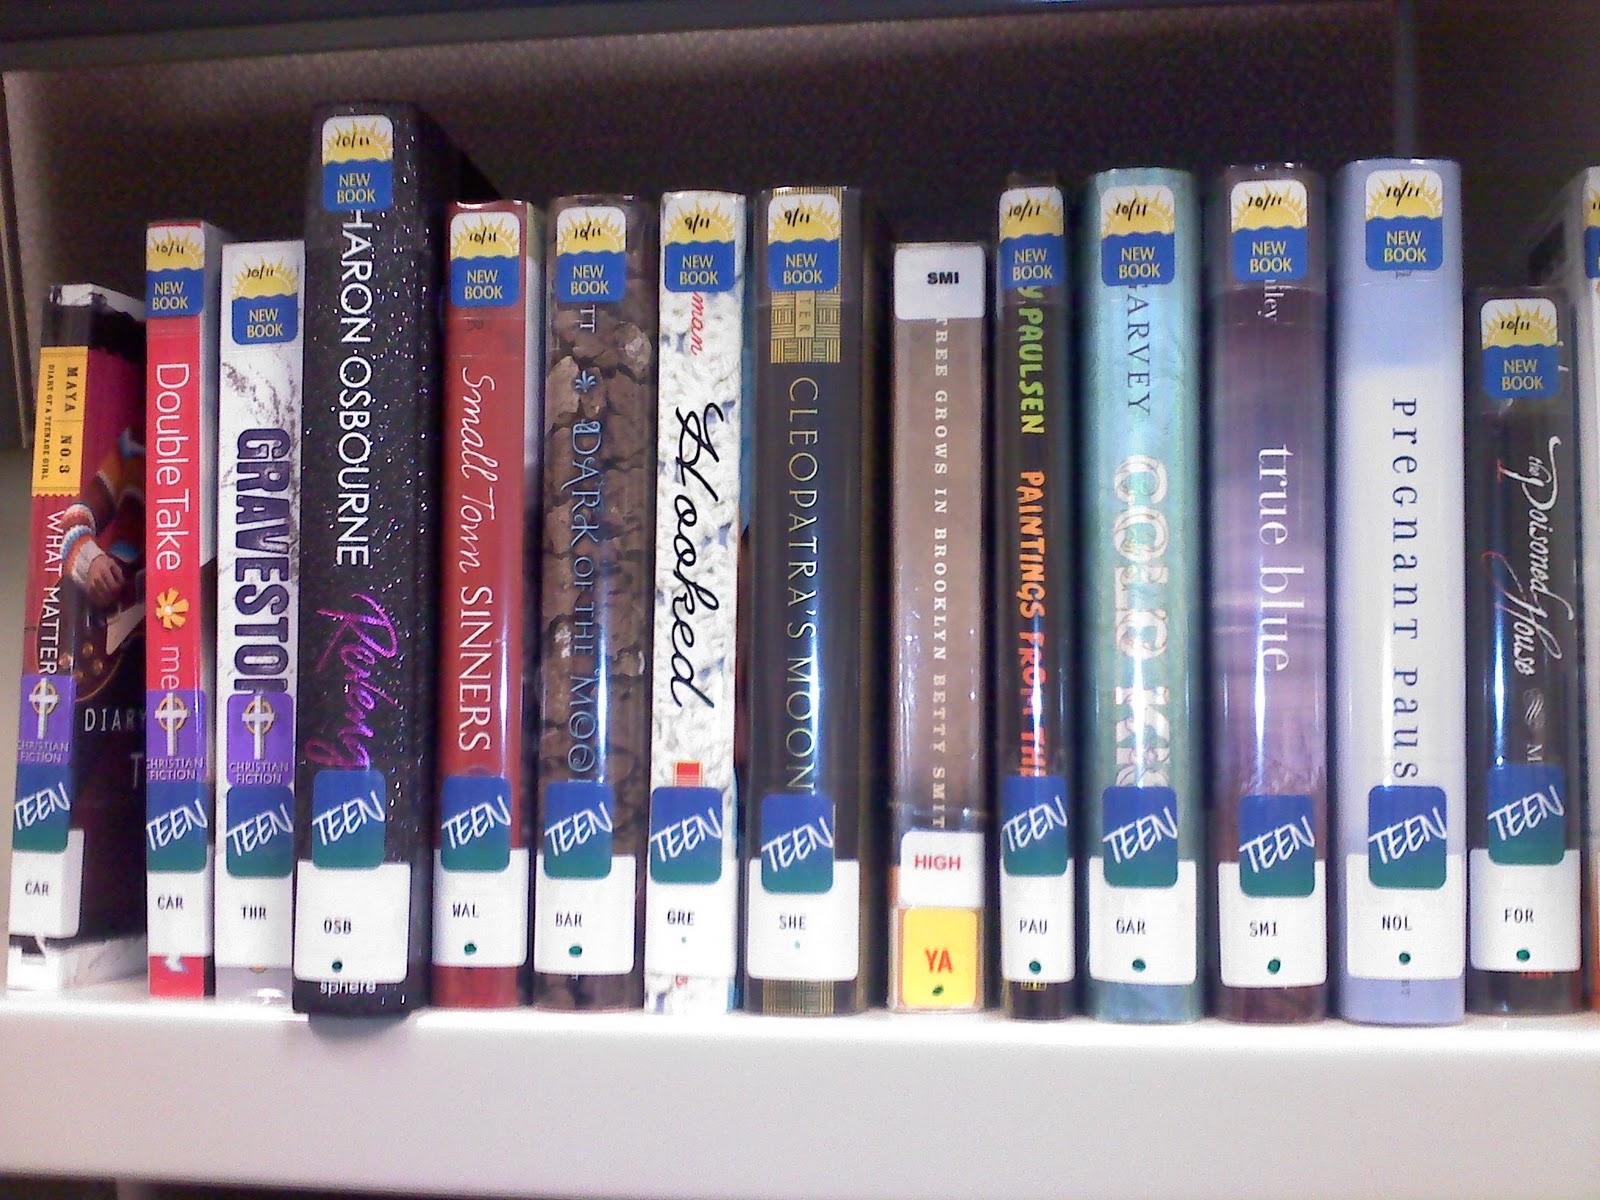 Recent fiction books